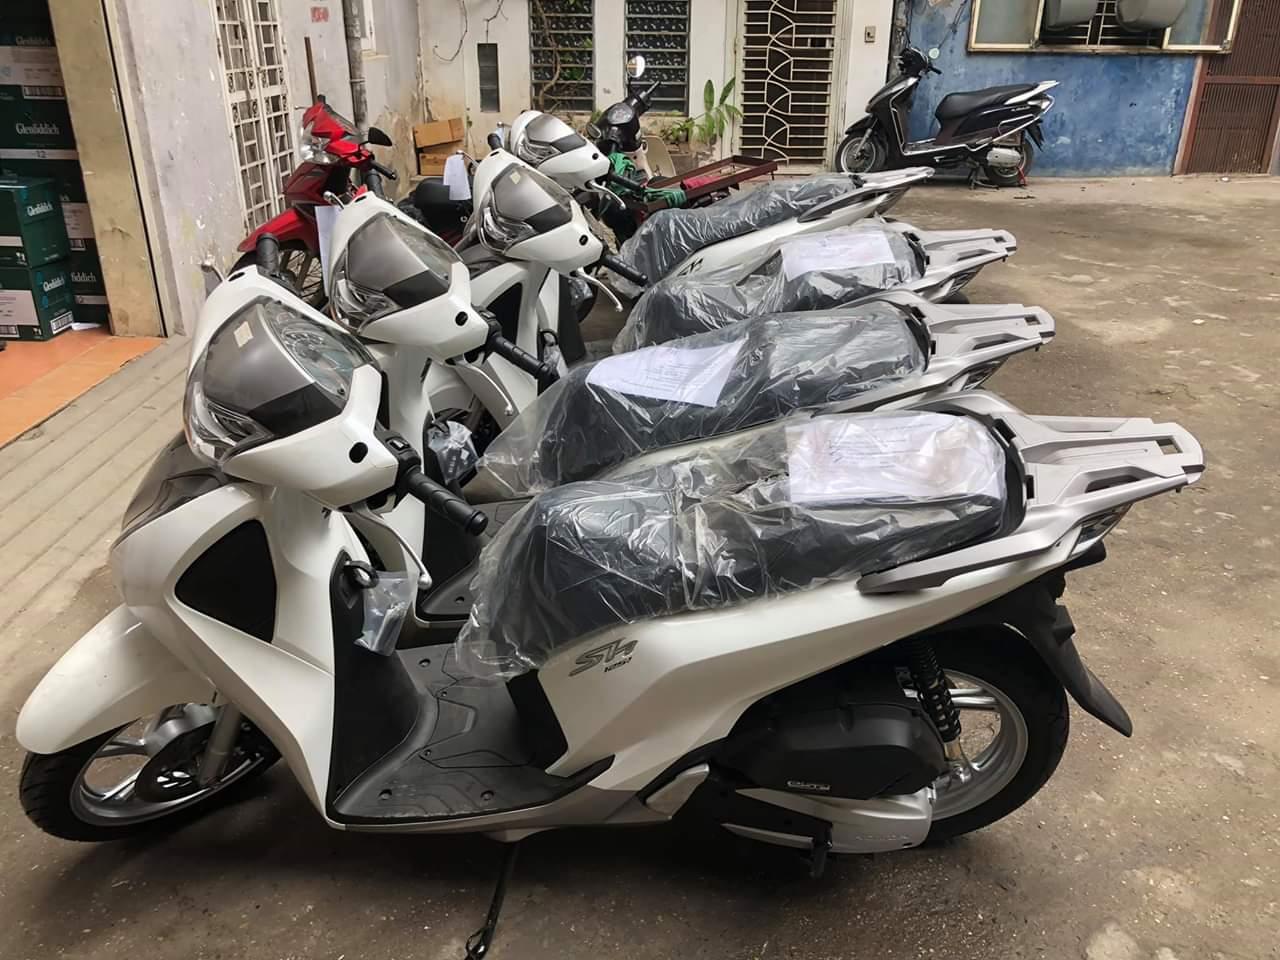 1 SH 150I Màu Trắng Đời 2019 Phanh ABS Mới 100 Xe Nhập Khẩu Trốn Thuế